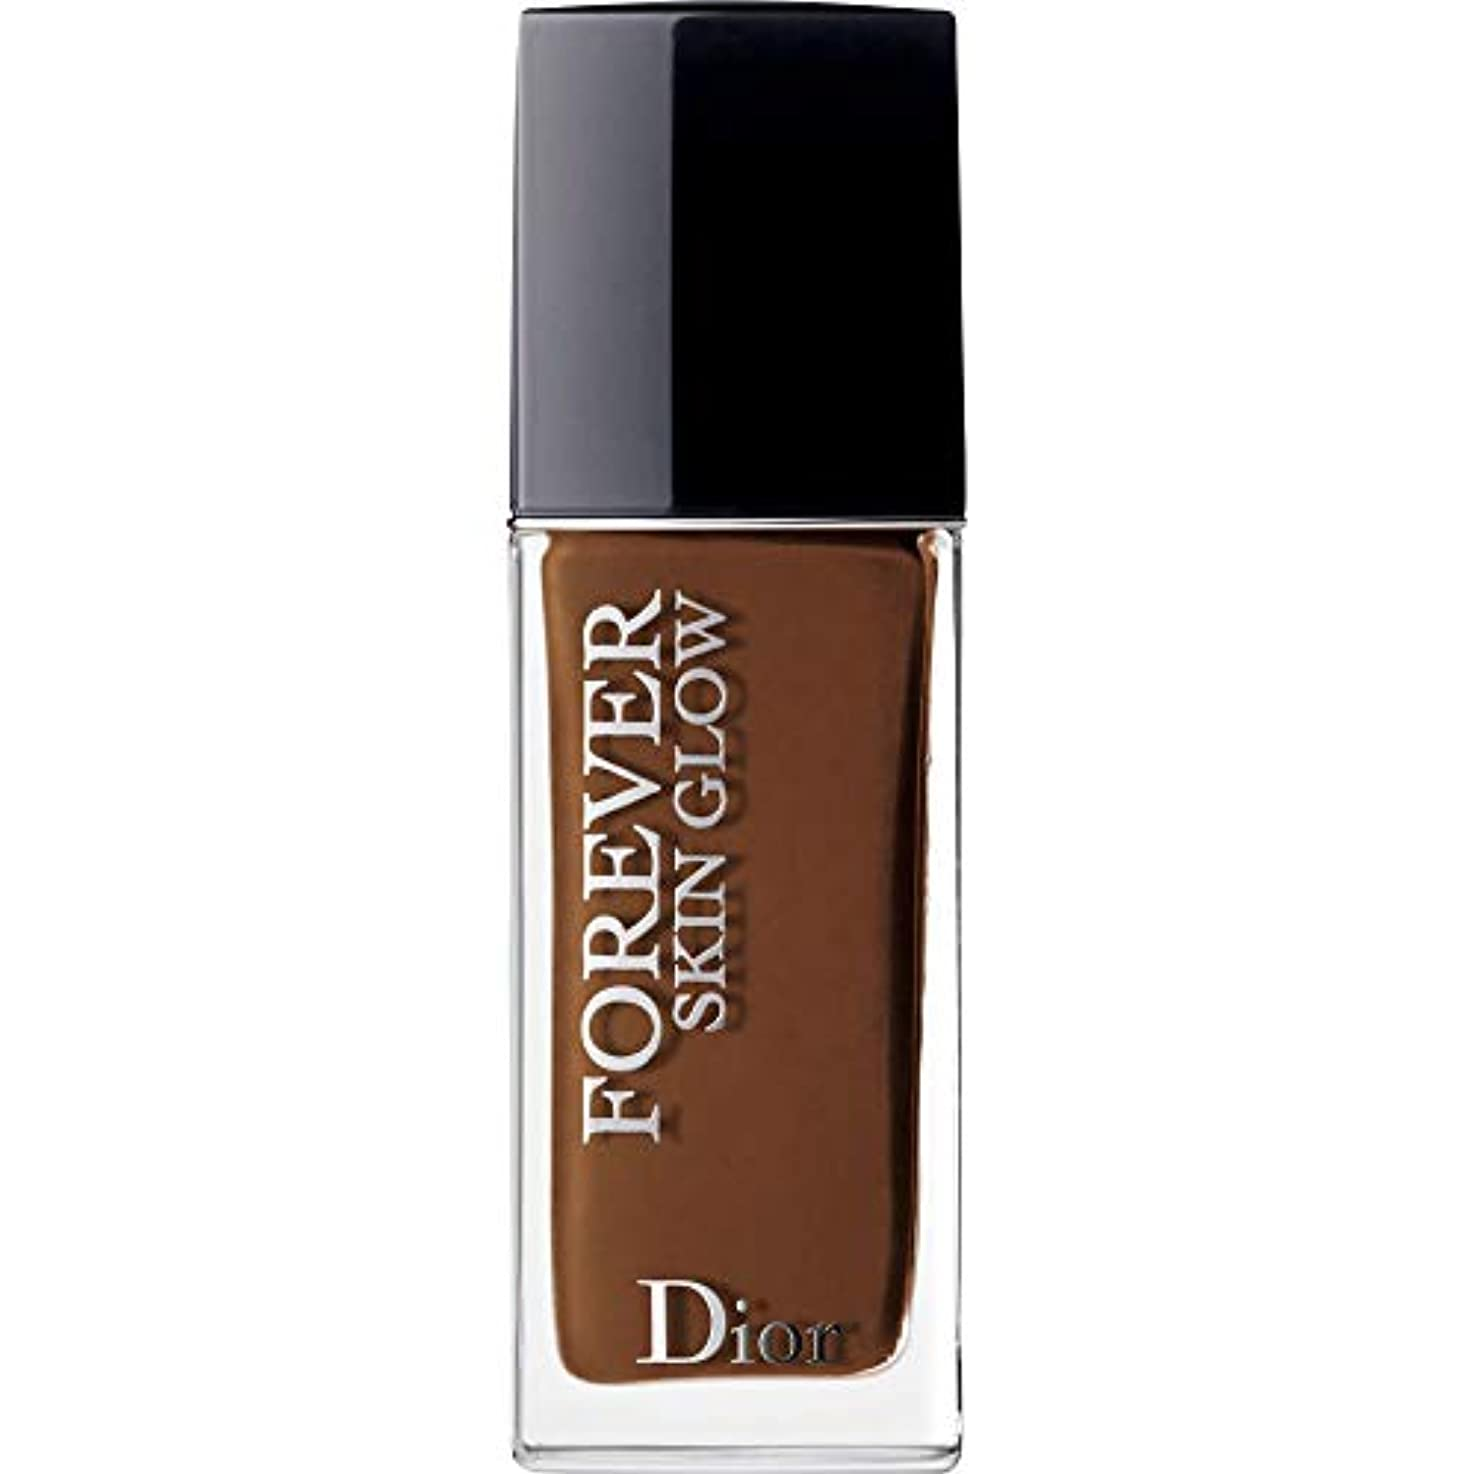 浴魅了する計算可能[Dior ] ディオール永遠に皮膚グロー皮膚思いやりの基礎Spf35 30ミリリットルの9N - ニュートラル(肌の輝き) - DIOR Forever Skin Glow Skin-Caring Foundation...